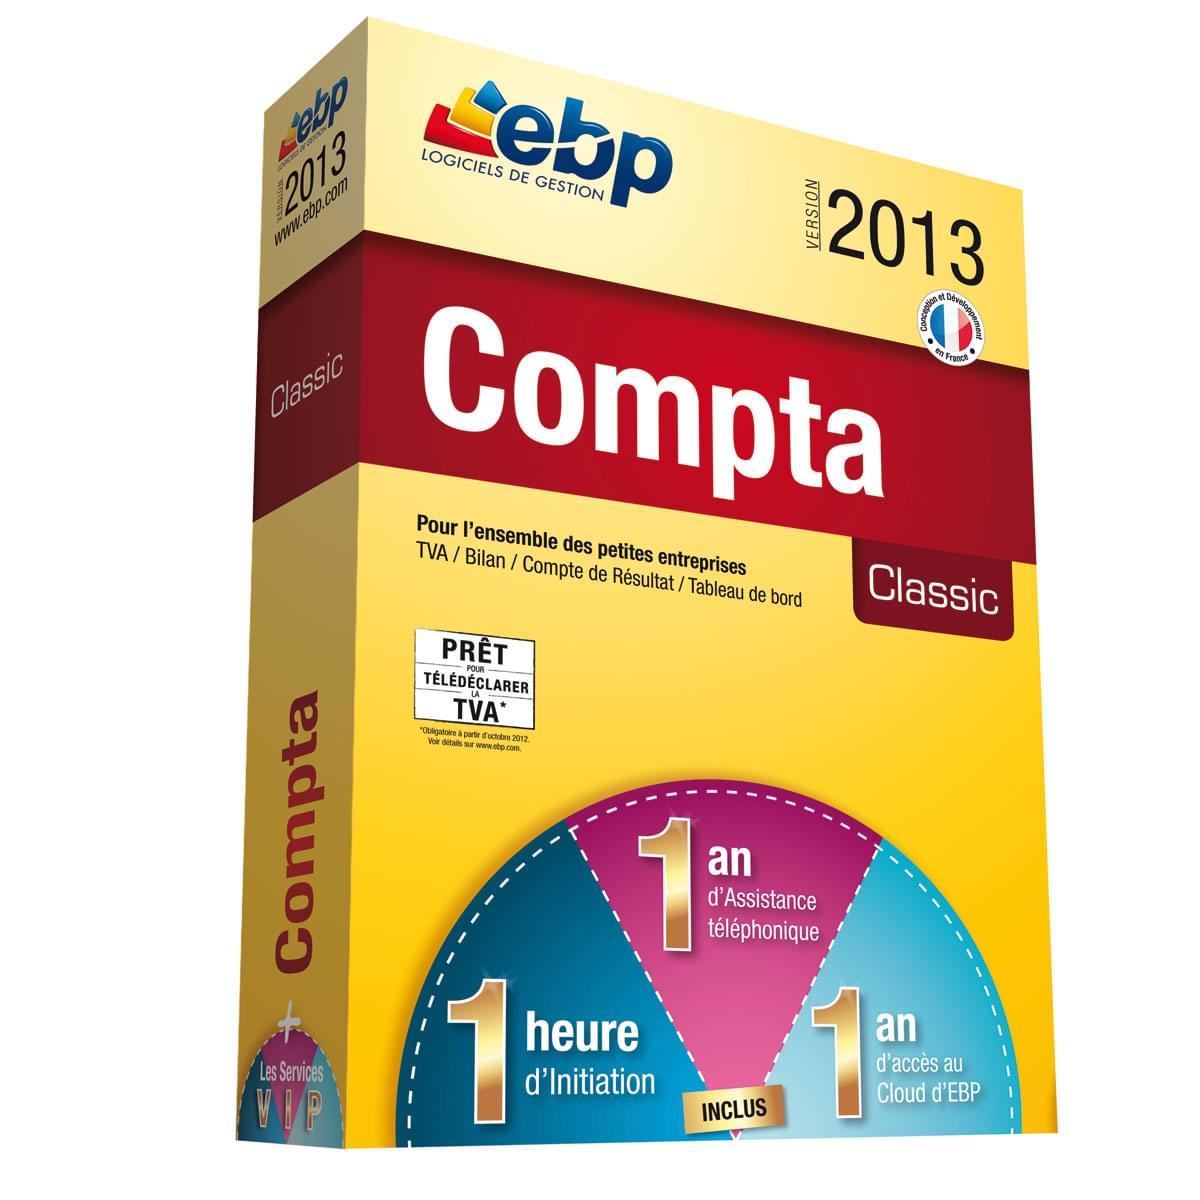 EBP Compta Classic 2013 + Services VIP (1066J051FAA) - Achat / Vente Logiciel Application sur Cybertek.fr - 0